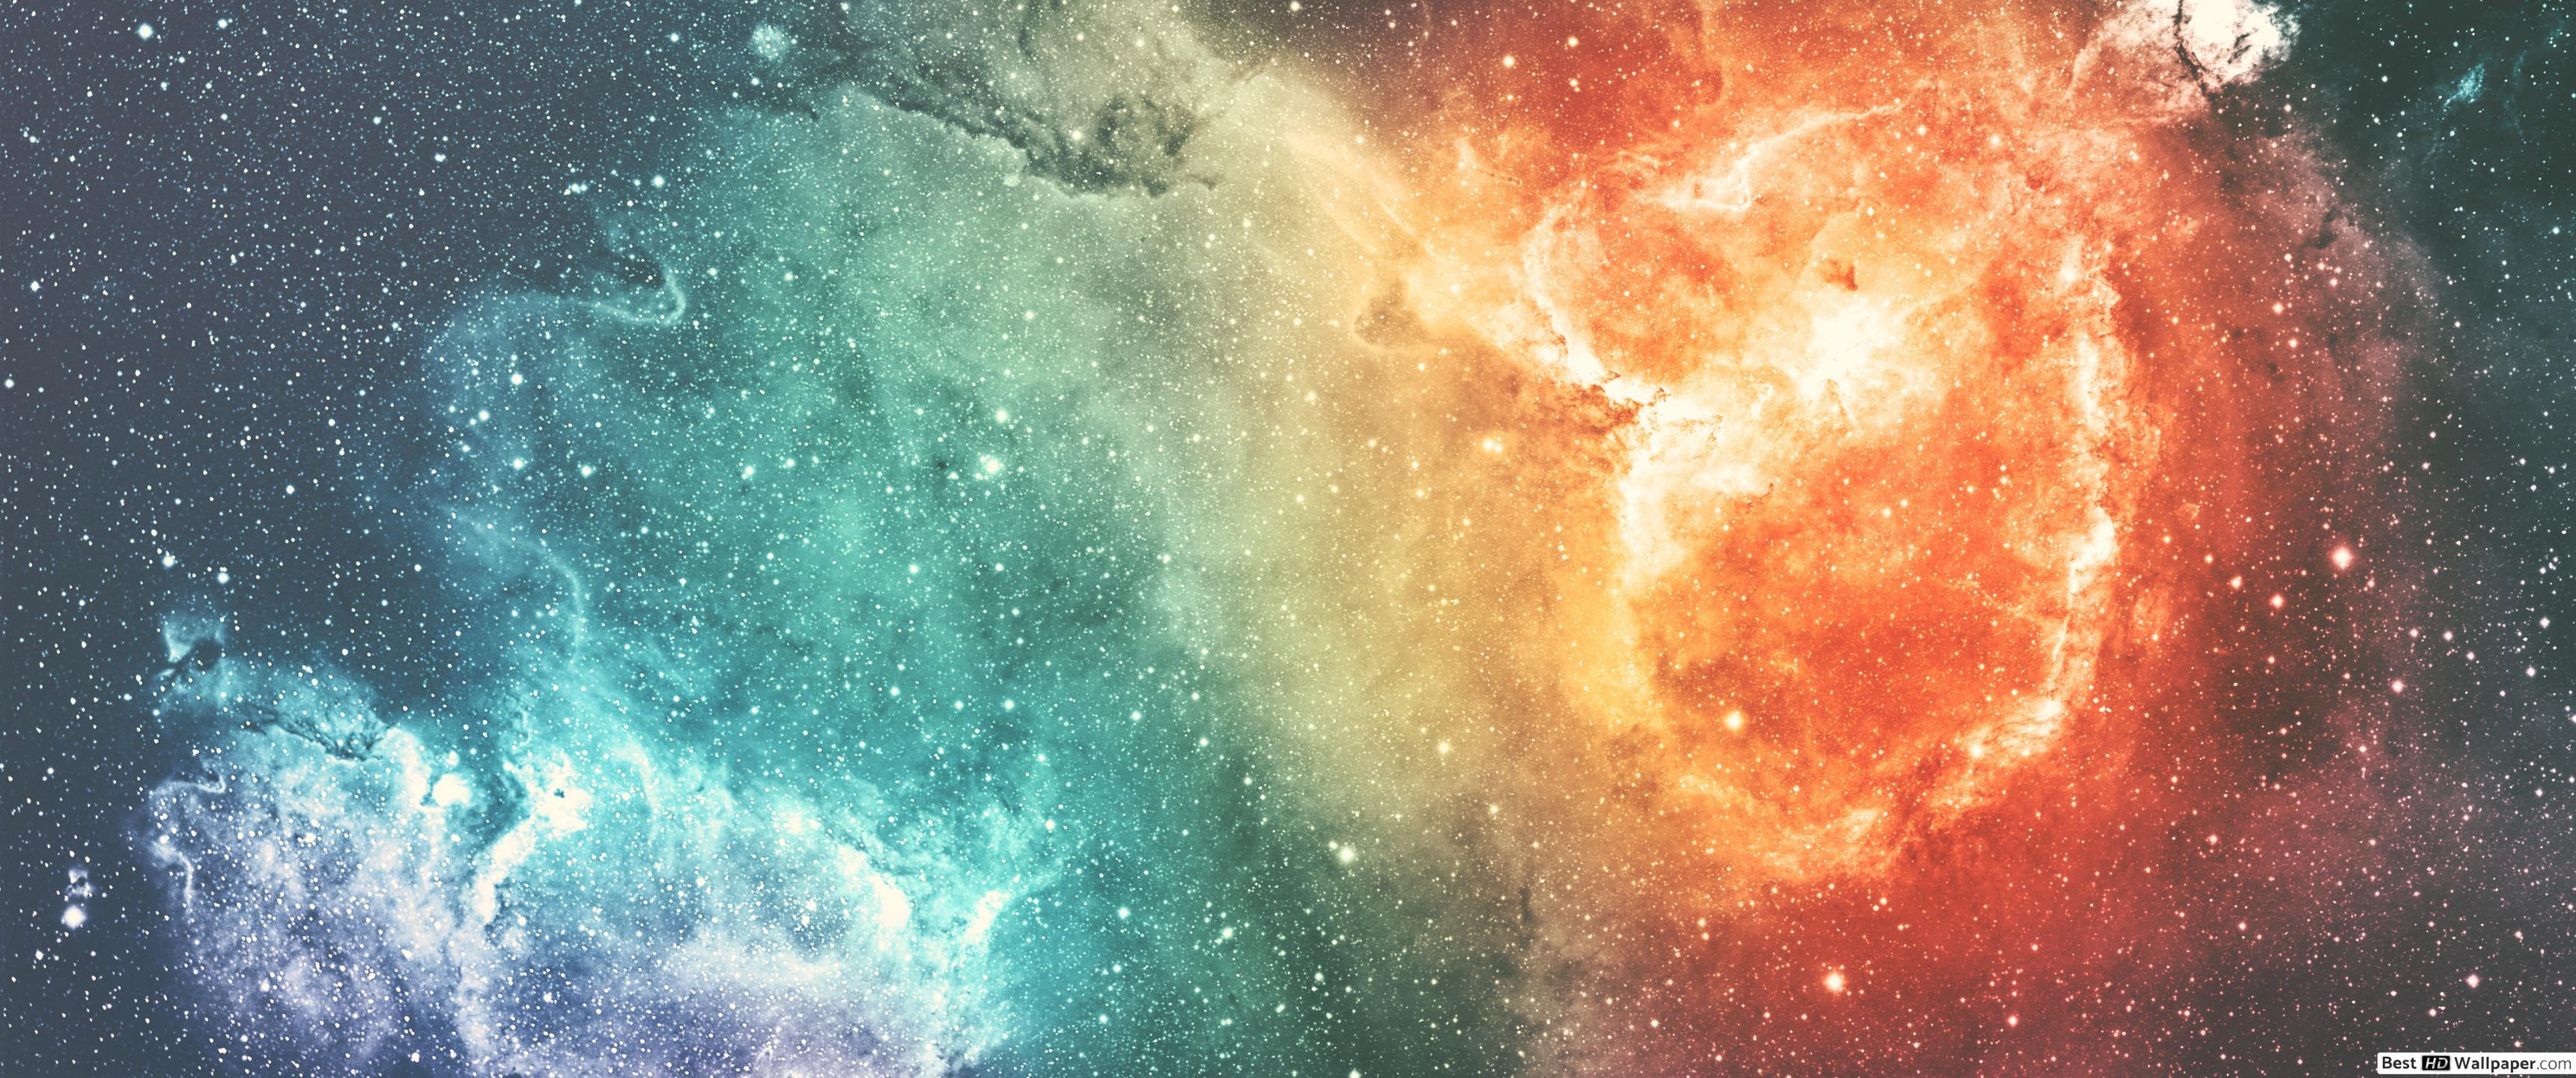 cosmique-fond-d-ecran-3440×1440